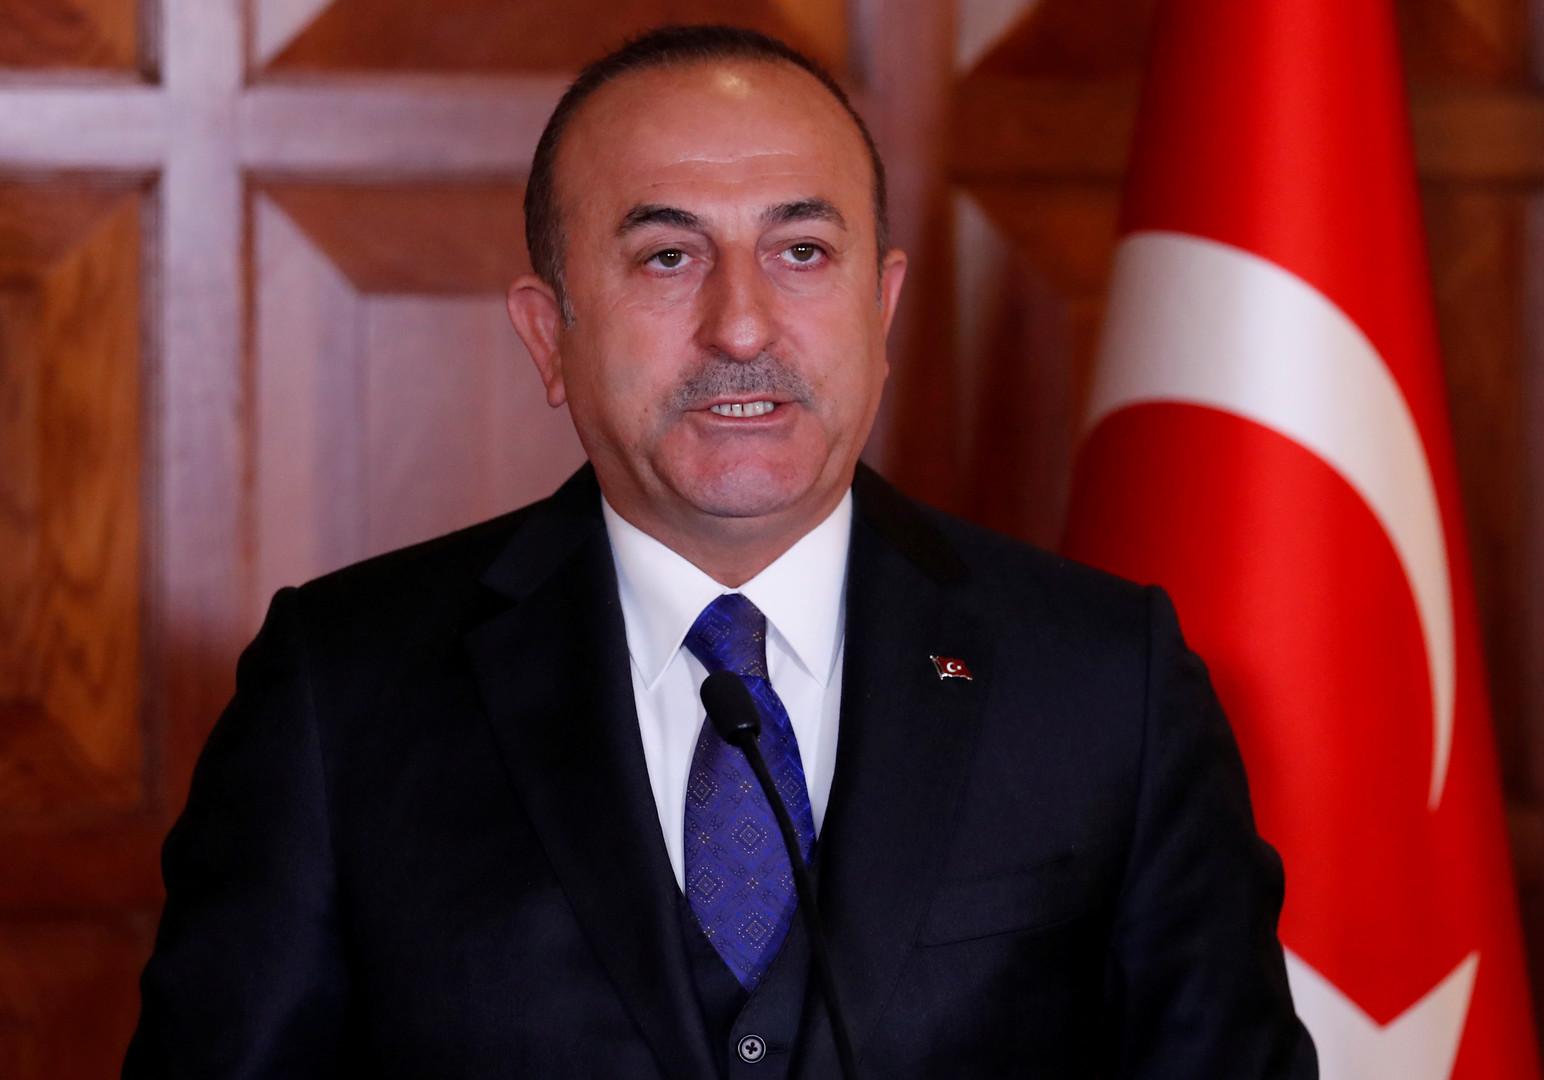 وزير الخارجية التركي، مولود تشاووش أوغلو